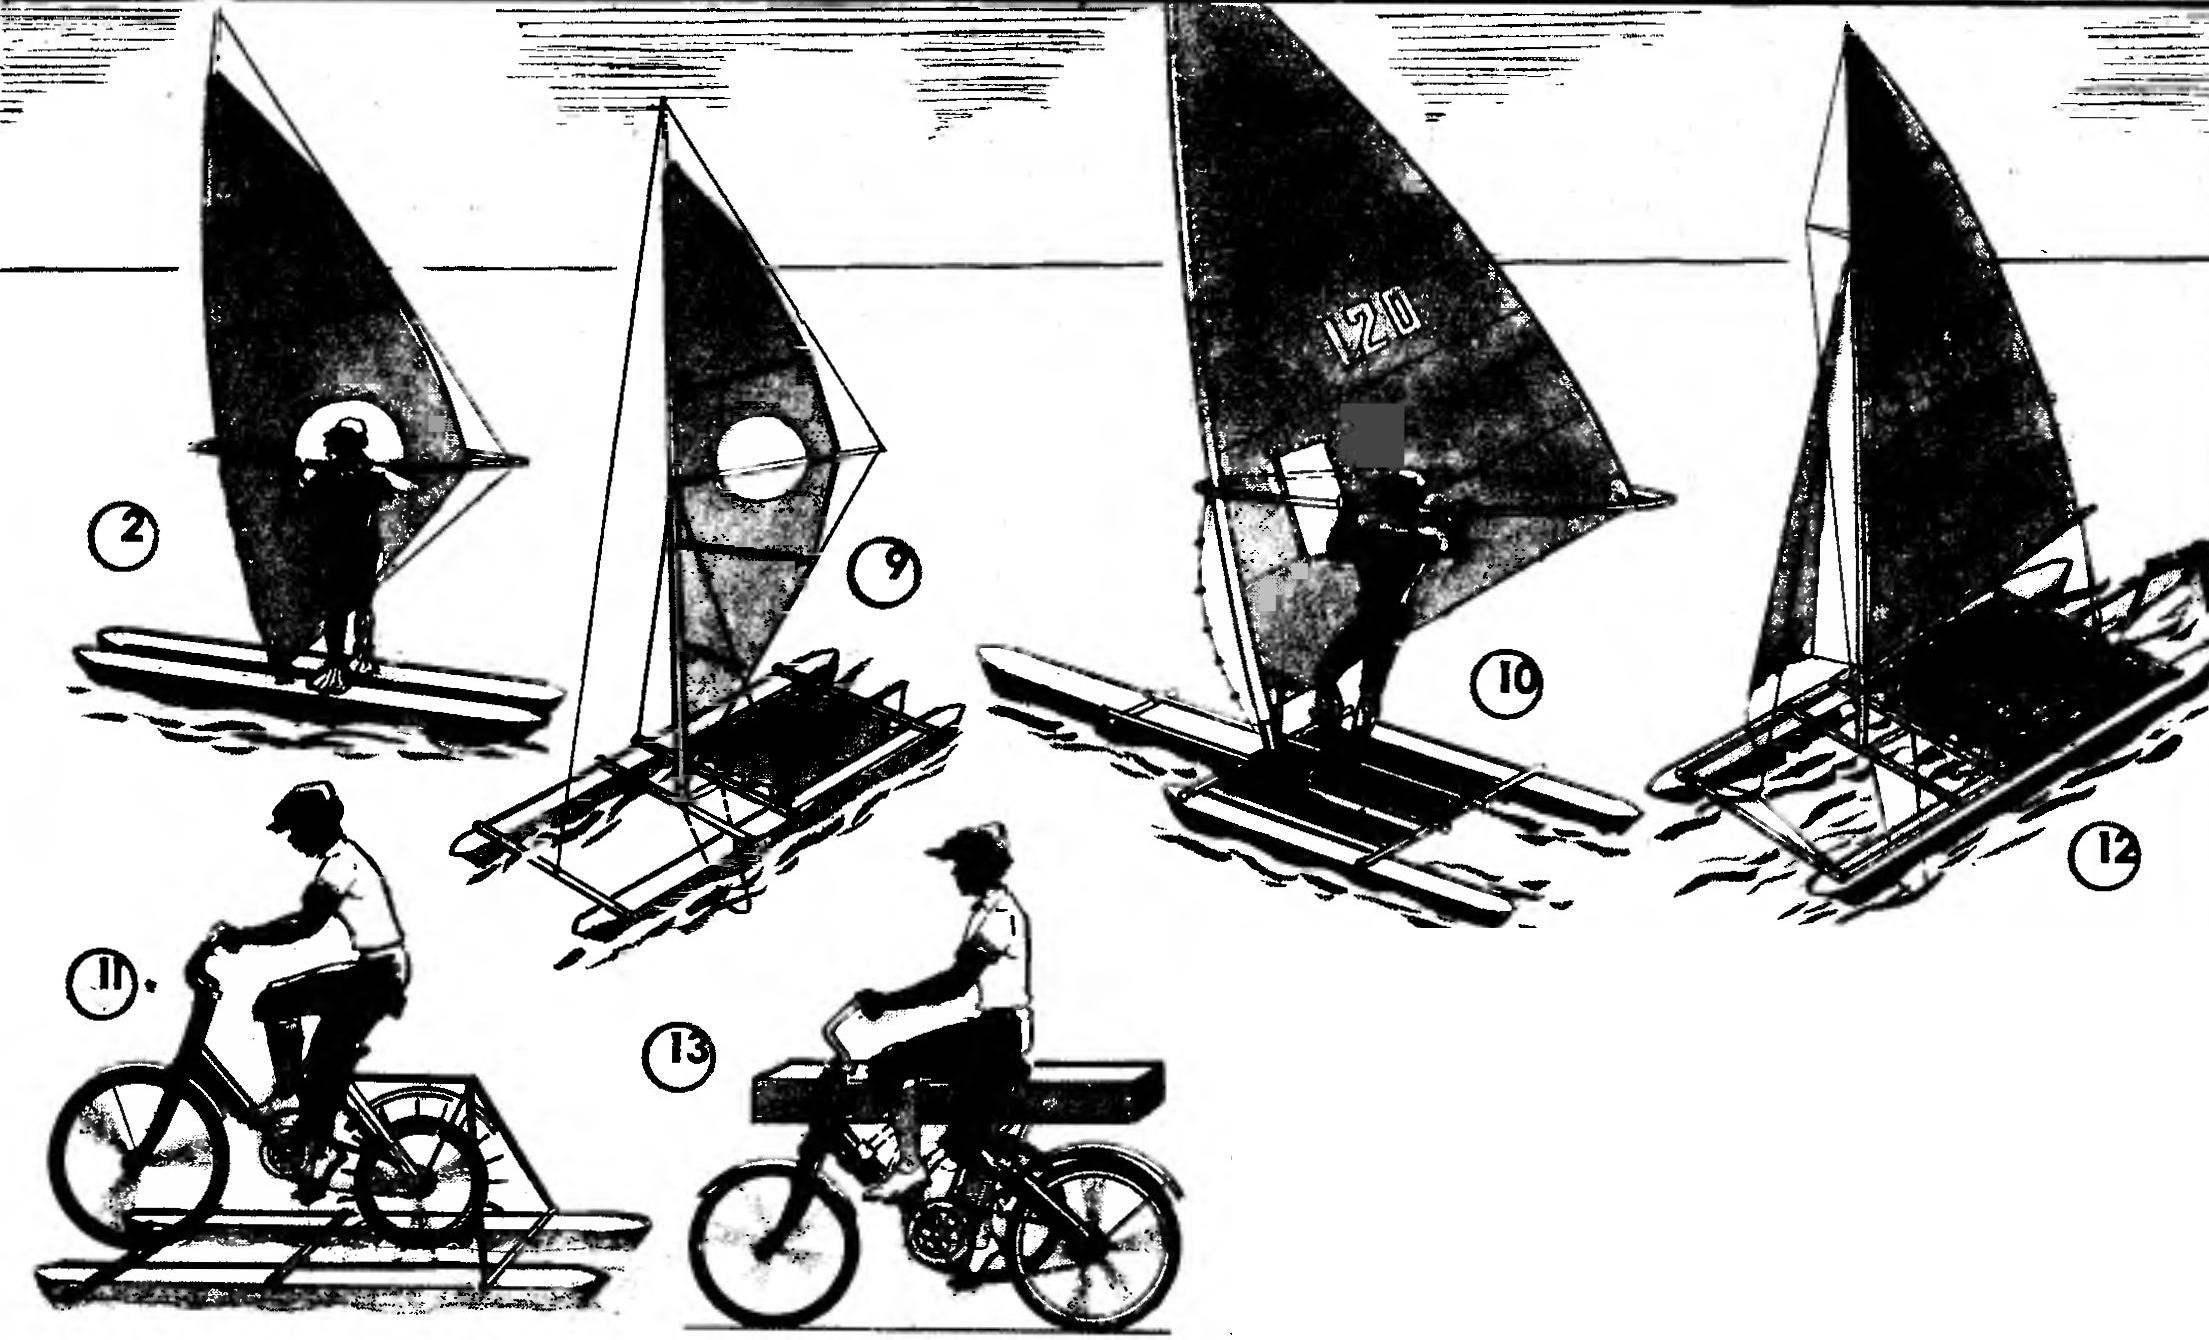 Р и с. 1. Иркмеры использования универсального модуля-поплавка: